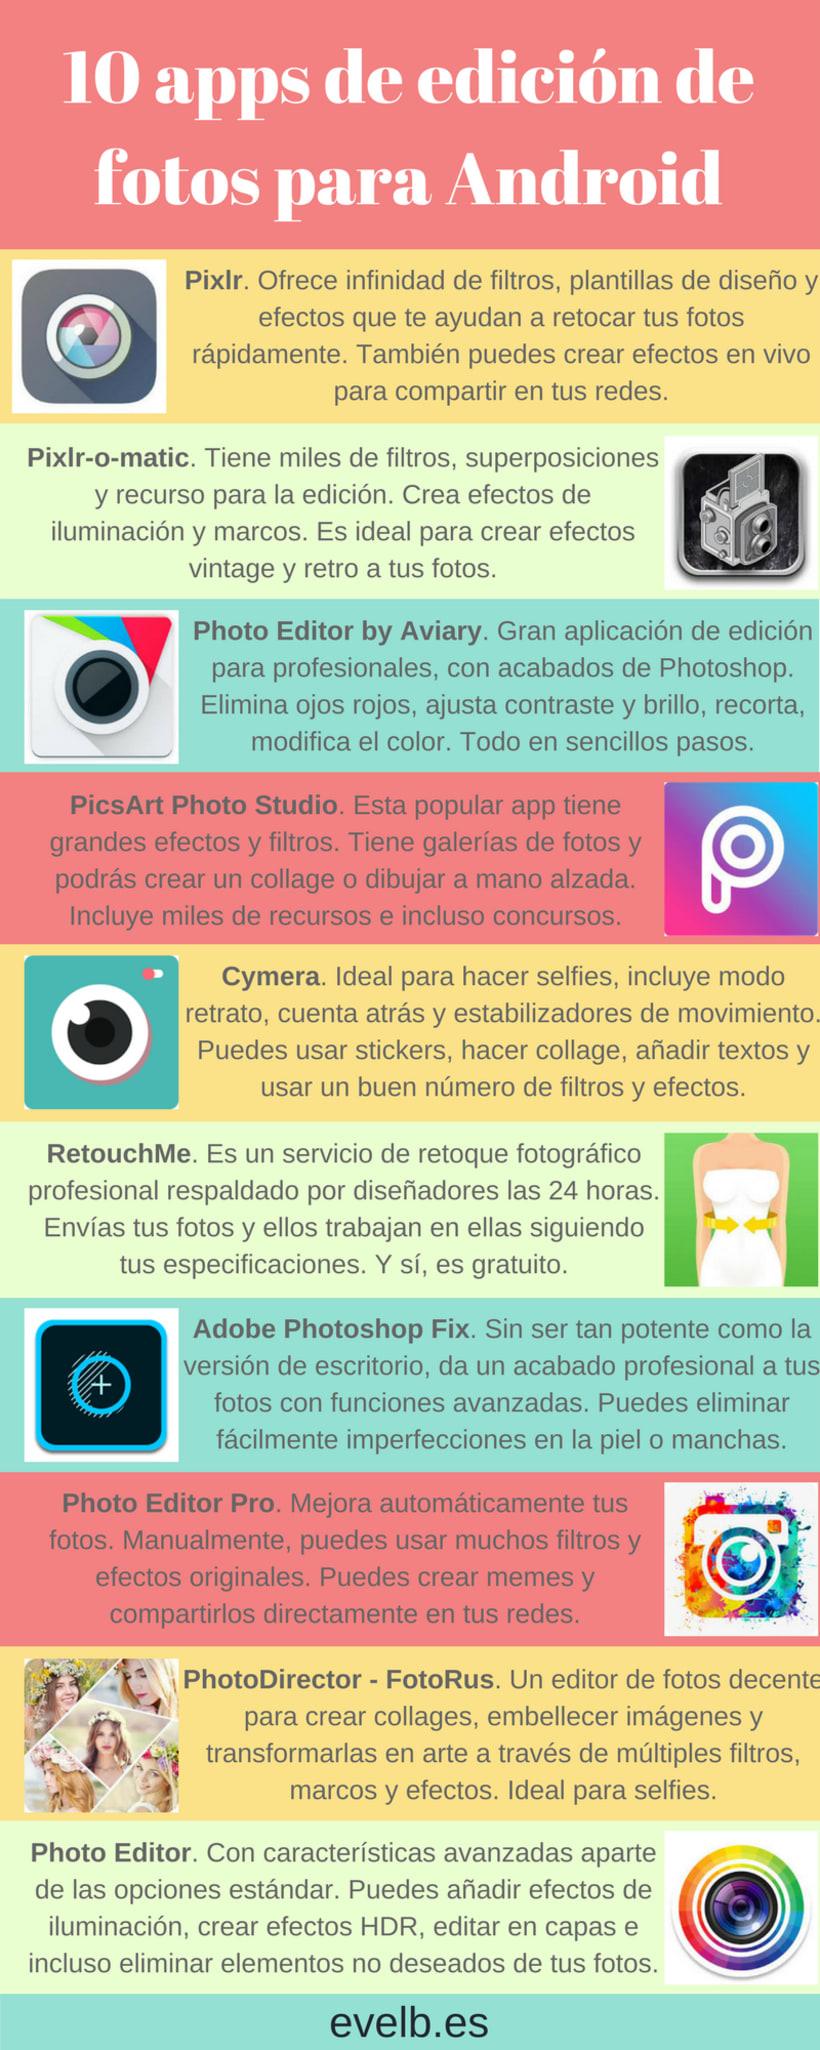 Infografías evelb.es 4